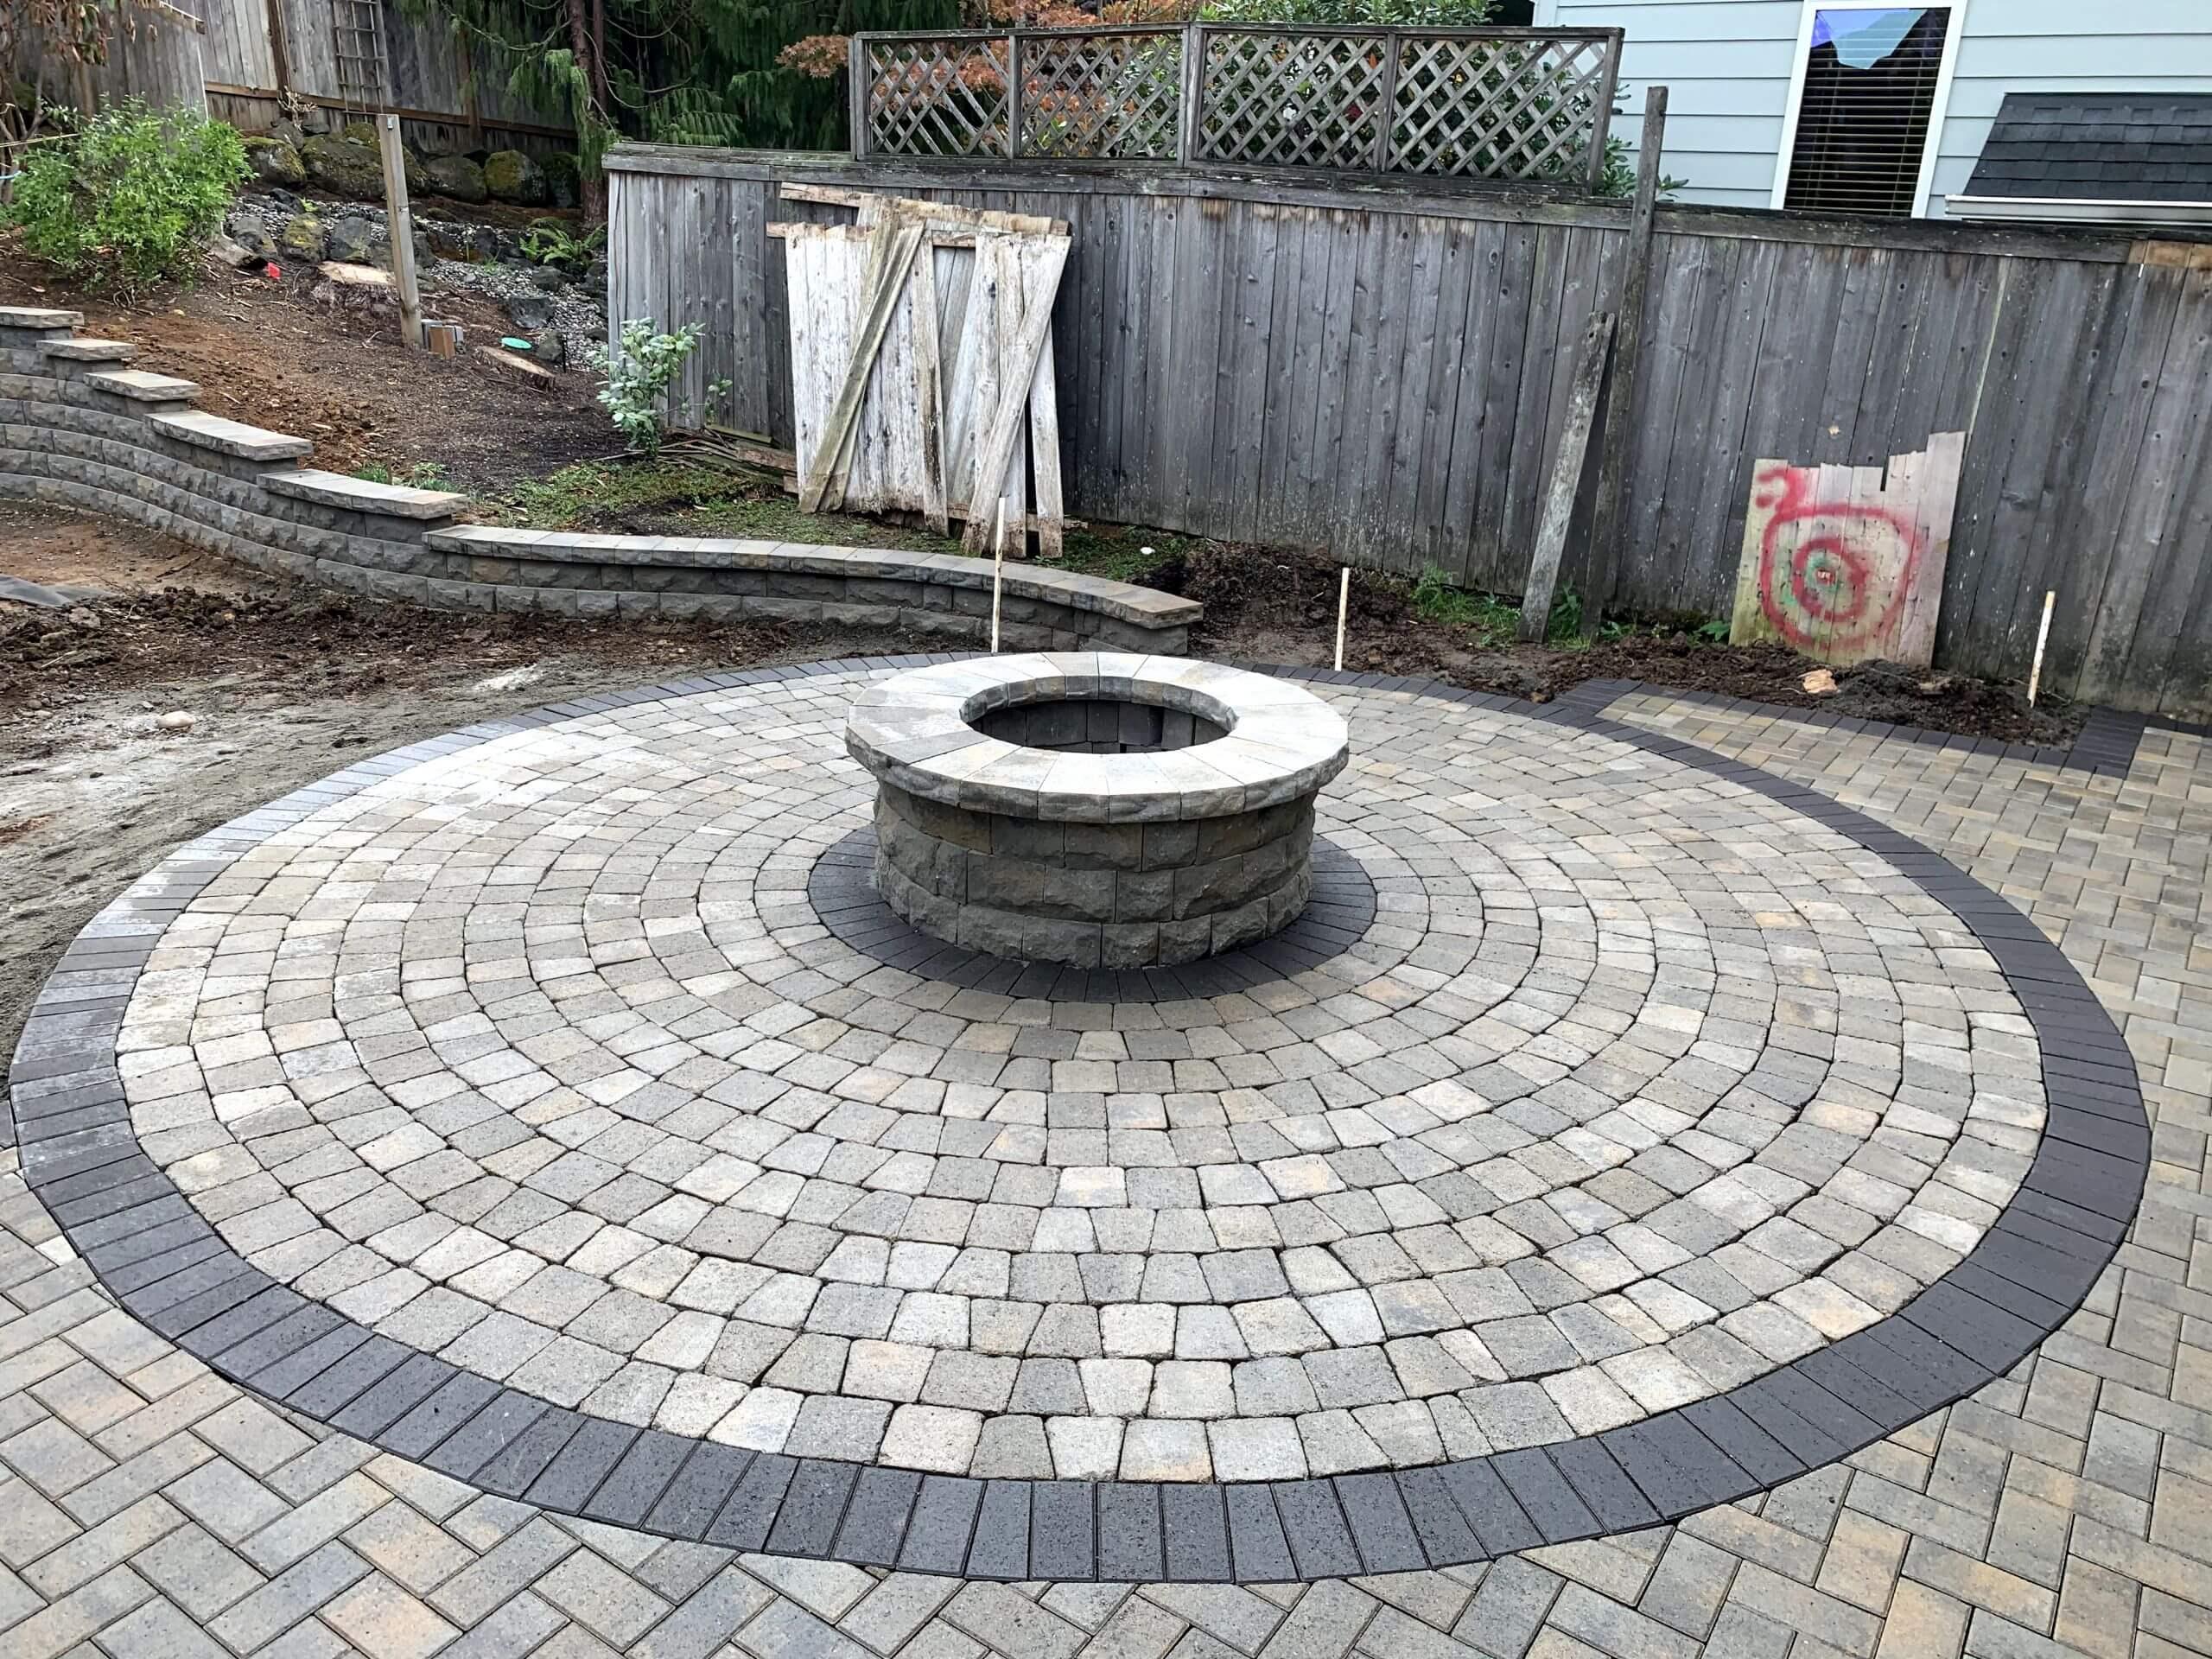 https://shovelandthumb.sfo3.digitaloceanspaces.com/firepit natural stone/firepit 3